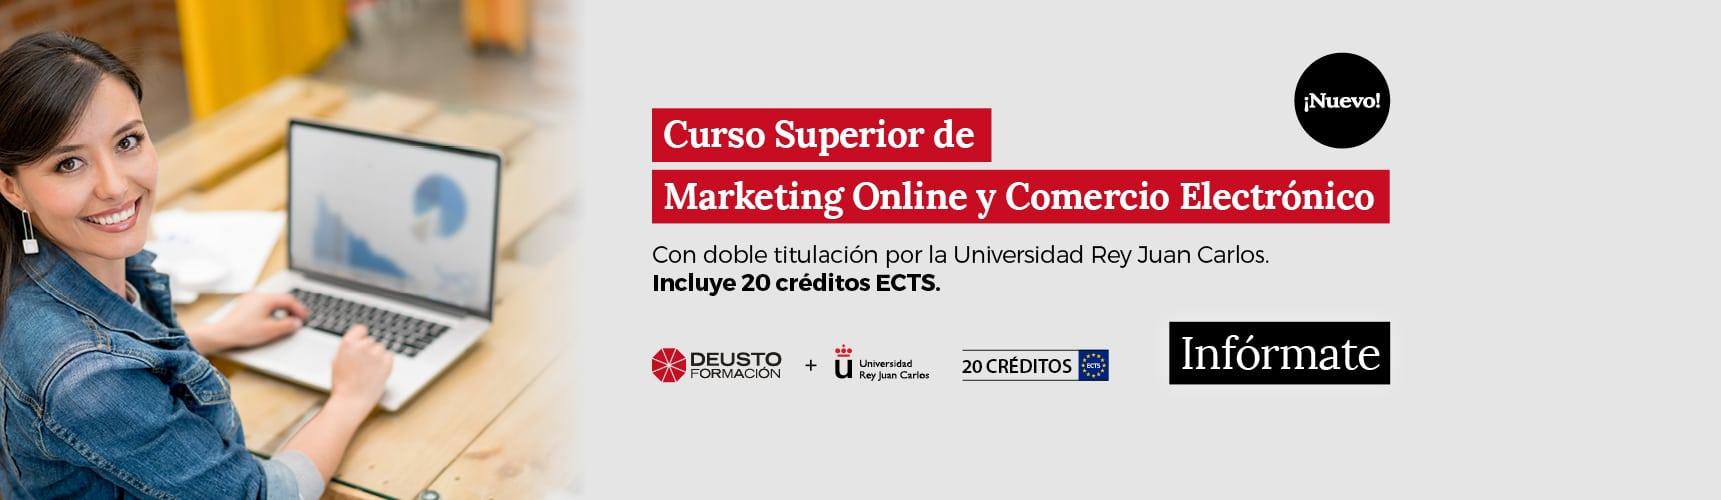 Curso Superior de Marketing Online y Comercio Electrónico